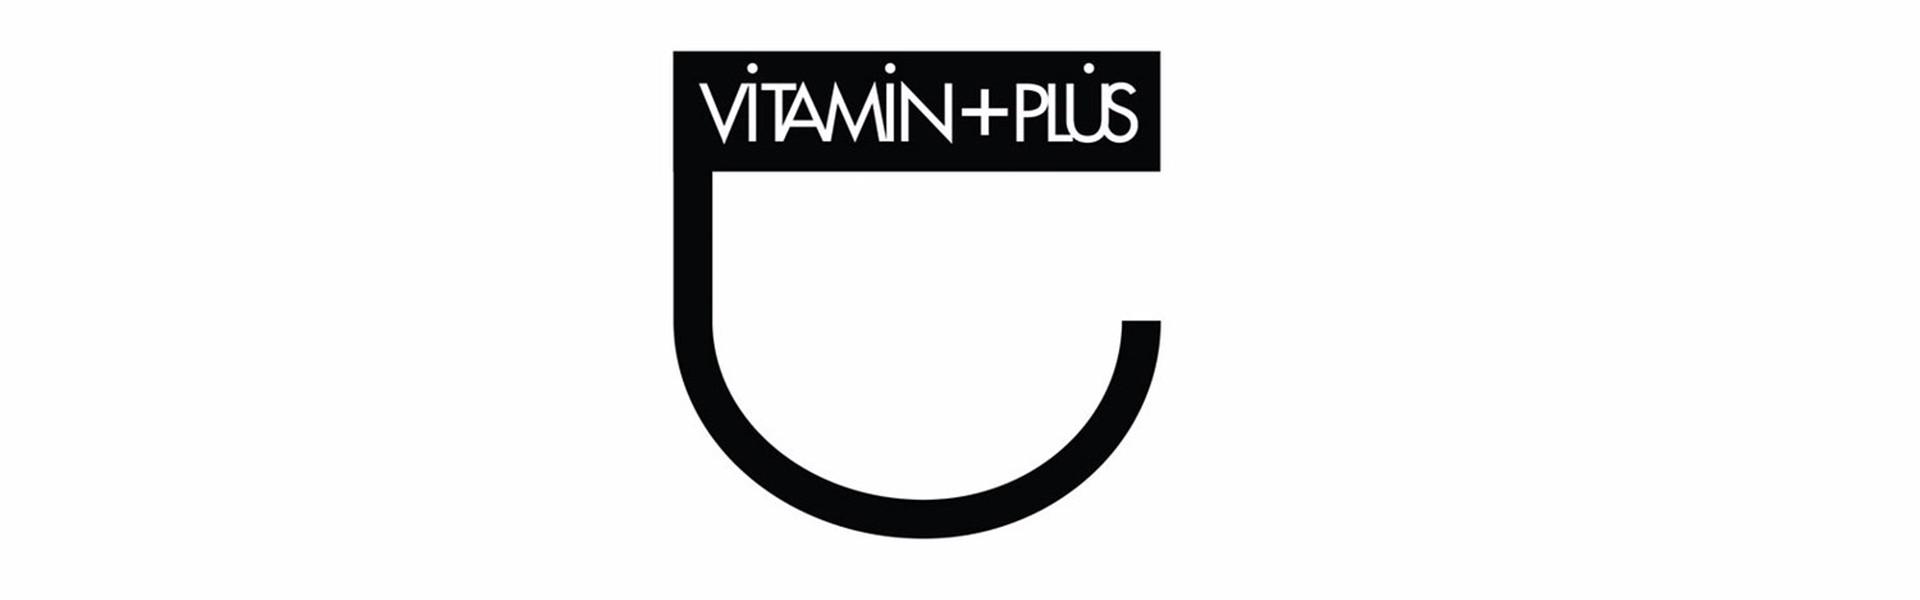 Vitamin_Plus